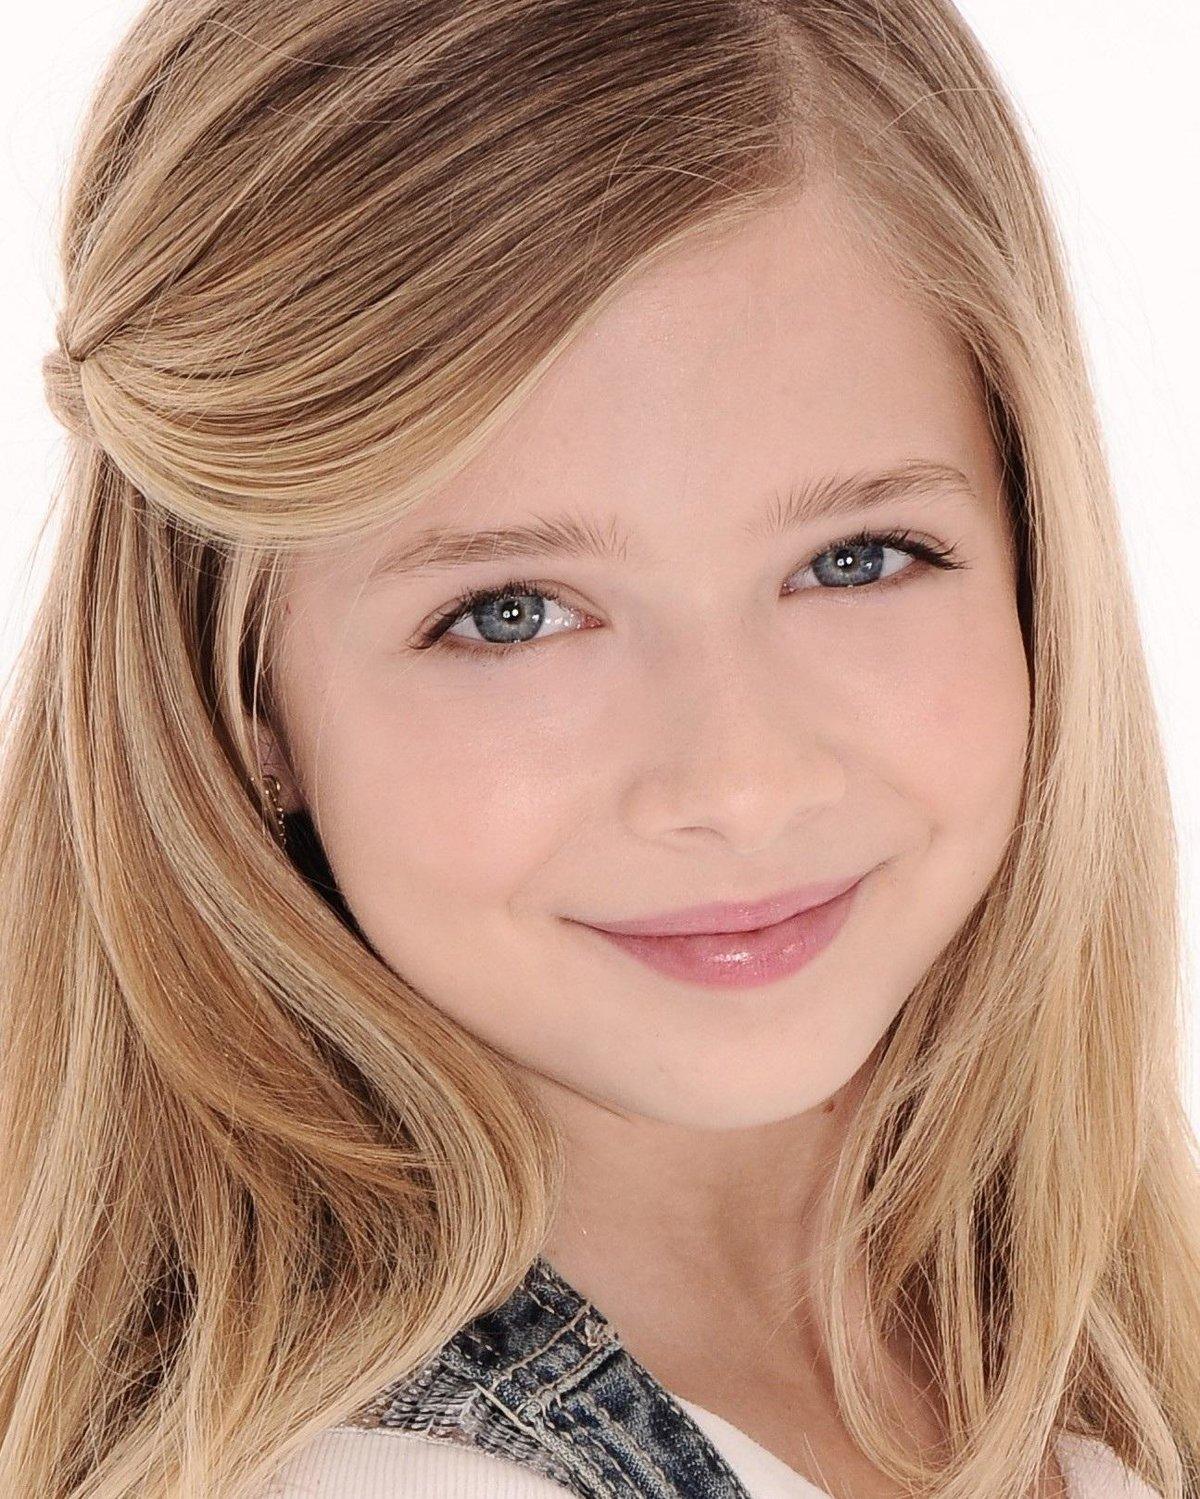 Смайлы, картинки 11 лет девочка